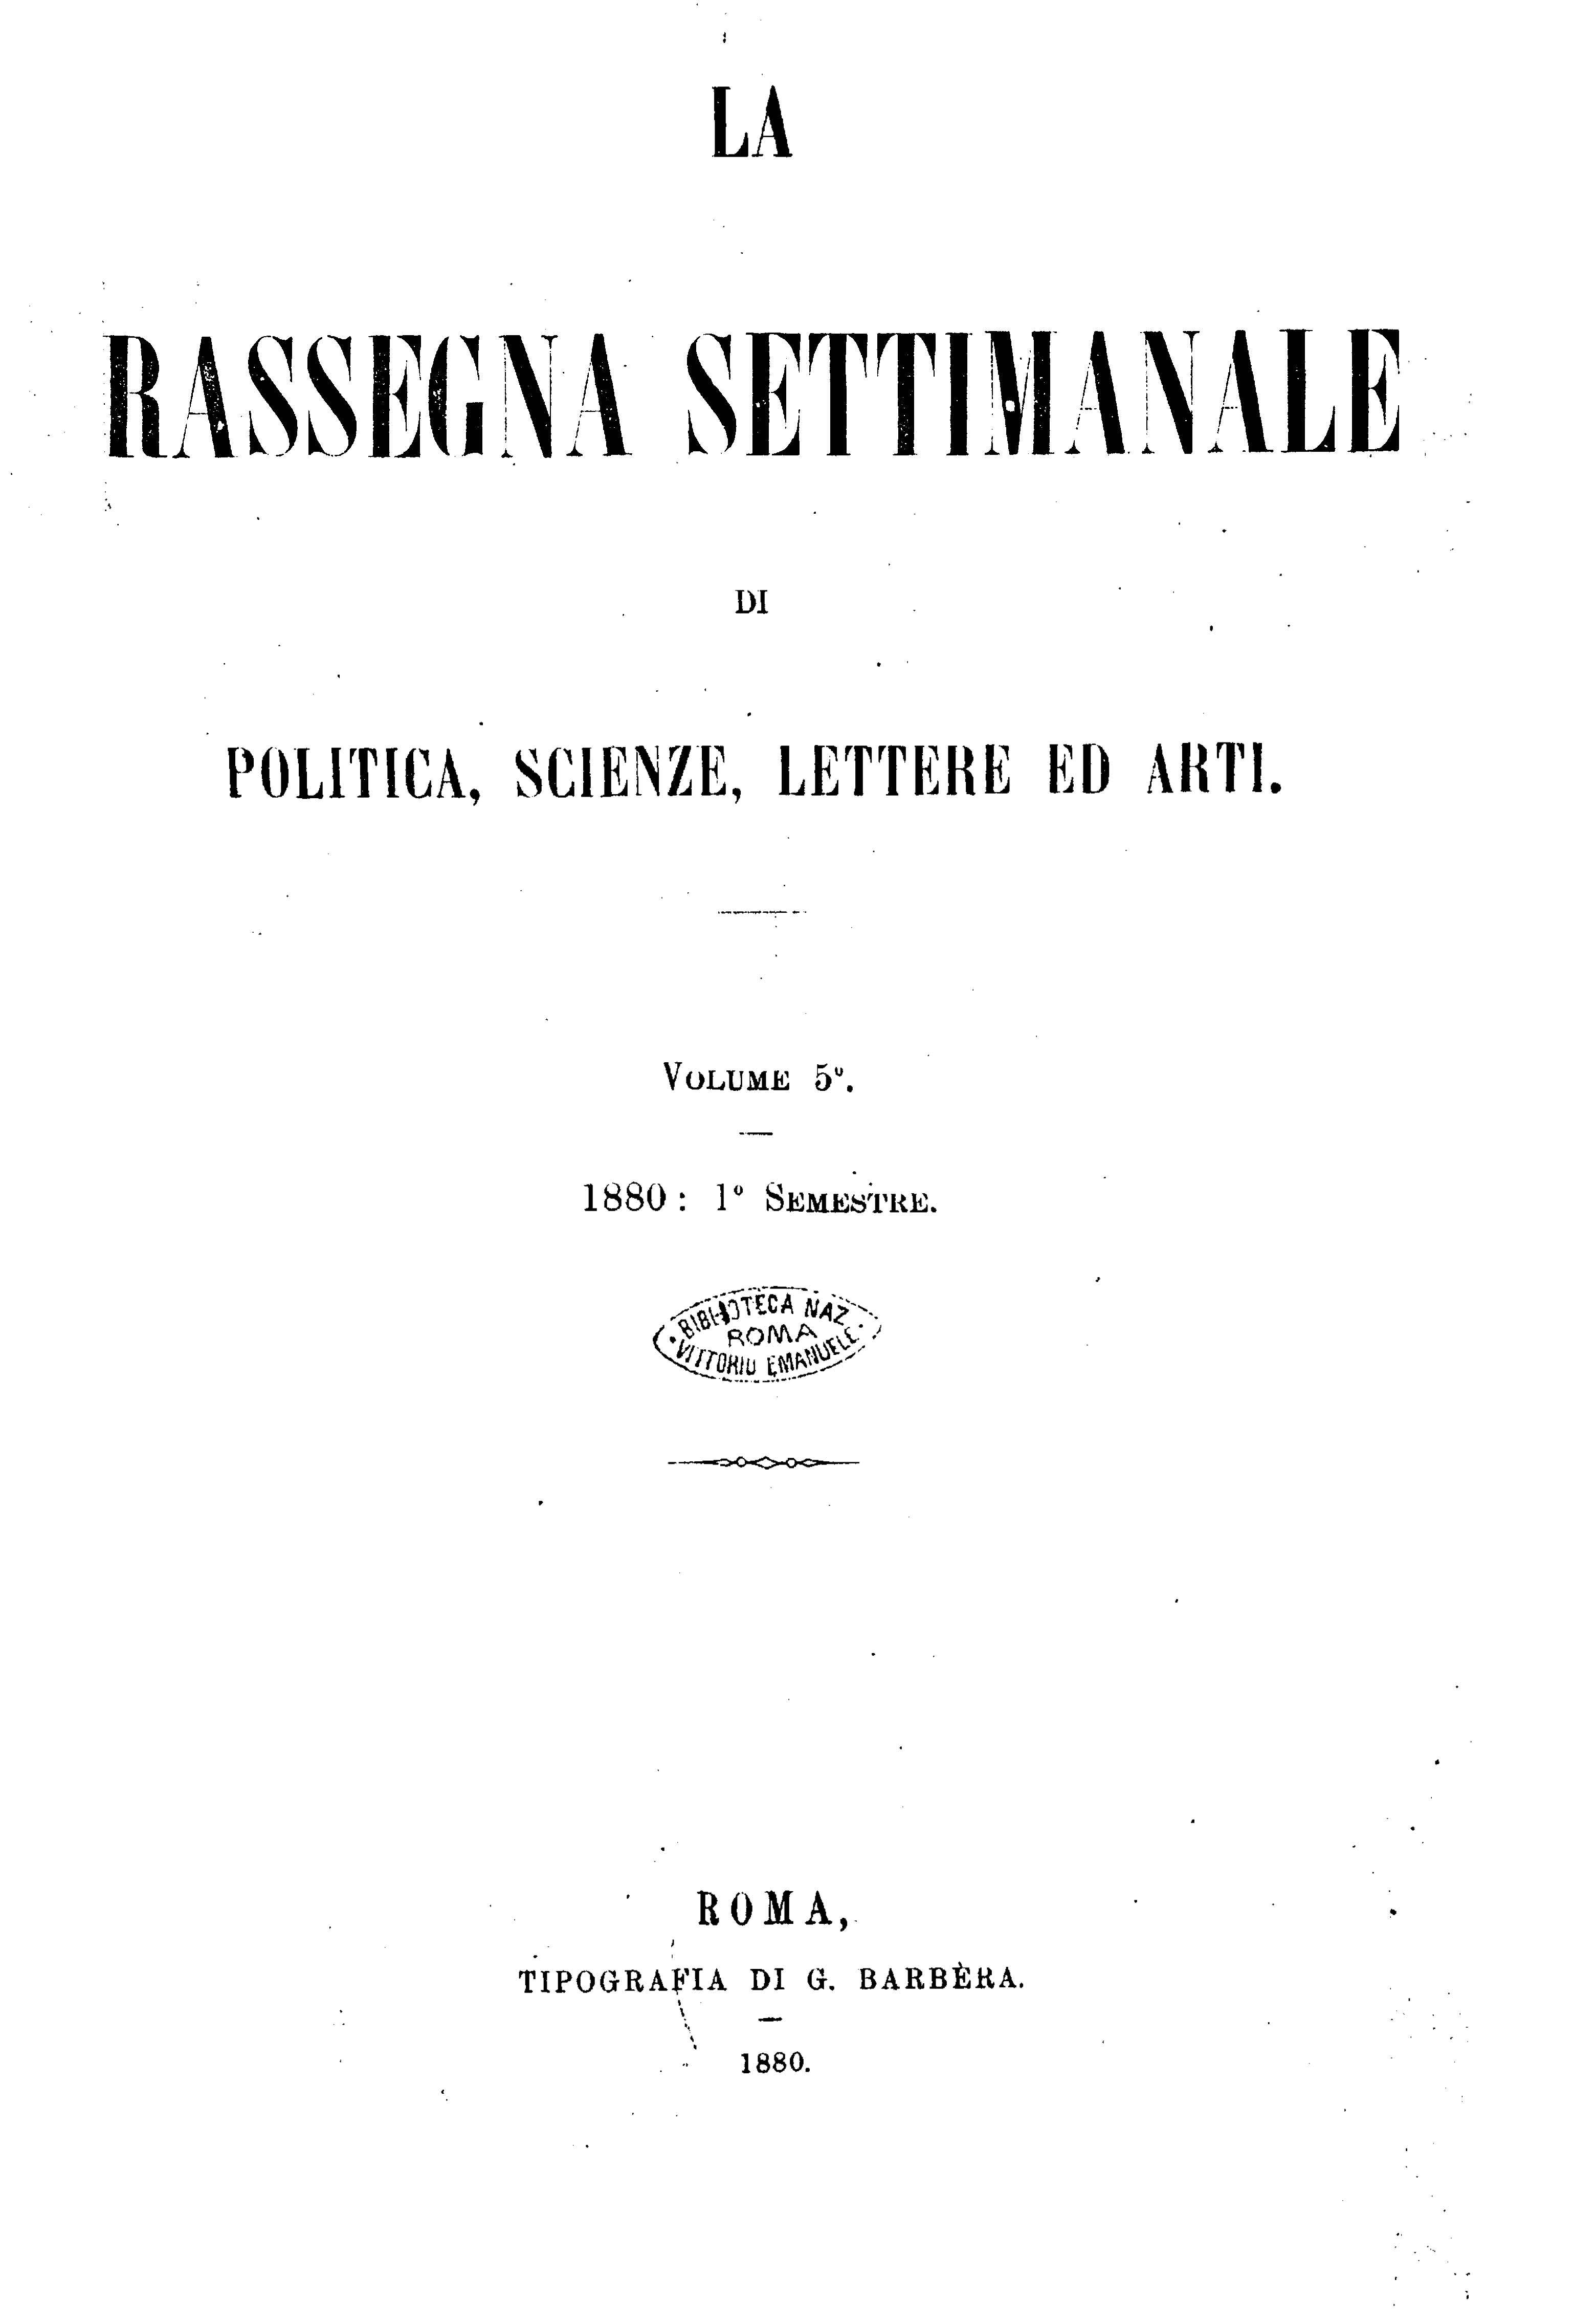 Fascicolo 112 - Volume 5 - 1880 - Semestre 1 - Trimestre 1